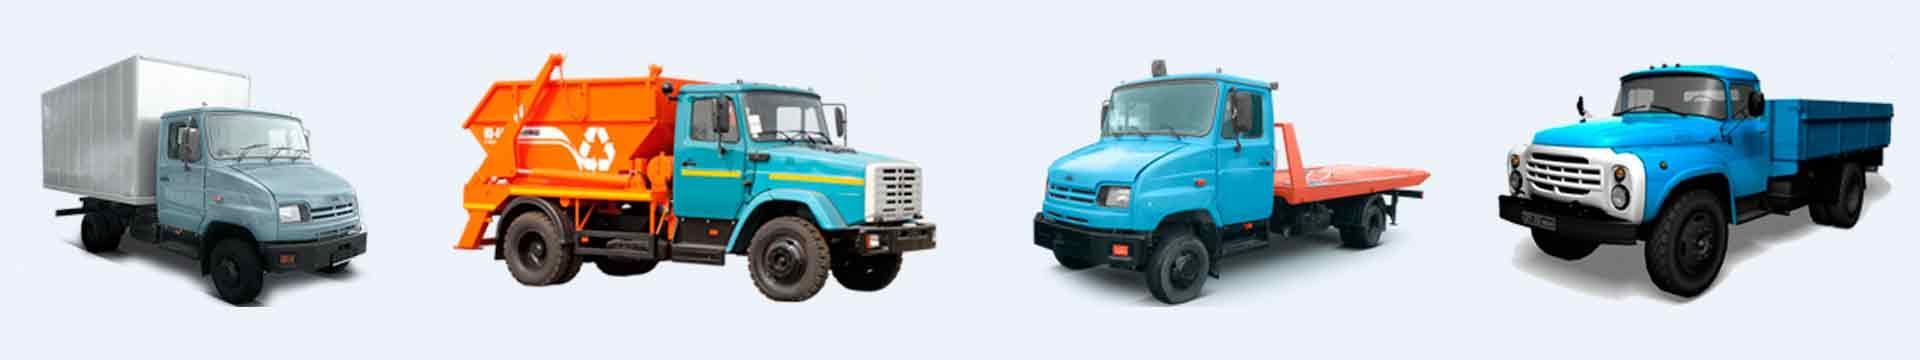 грузовики ЗИЛ